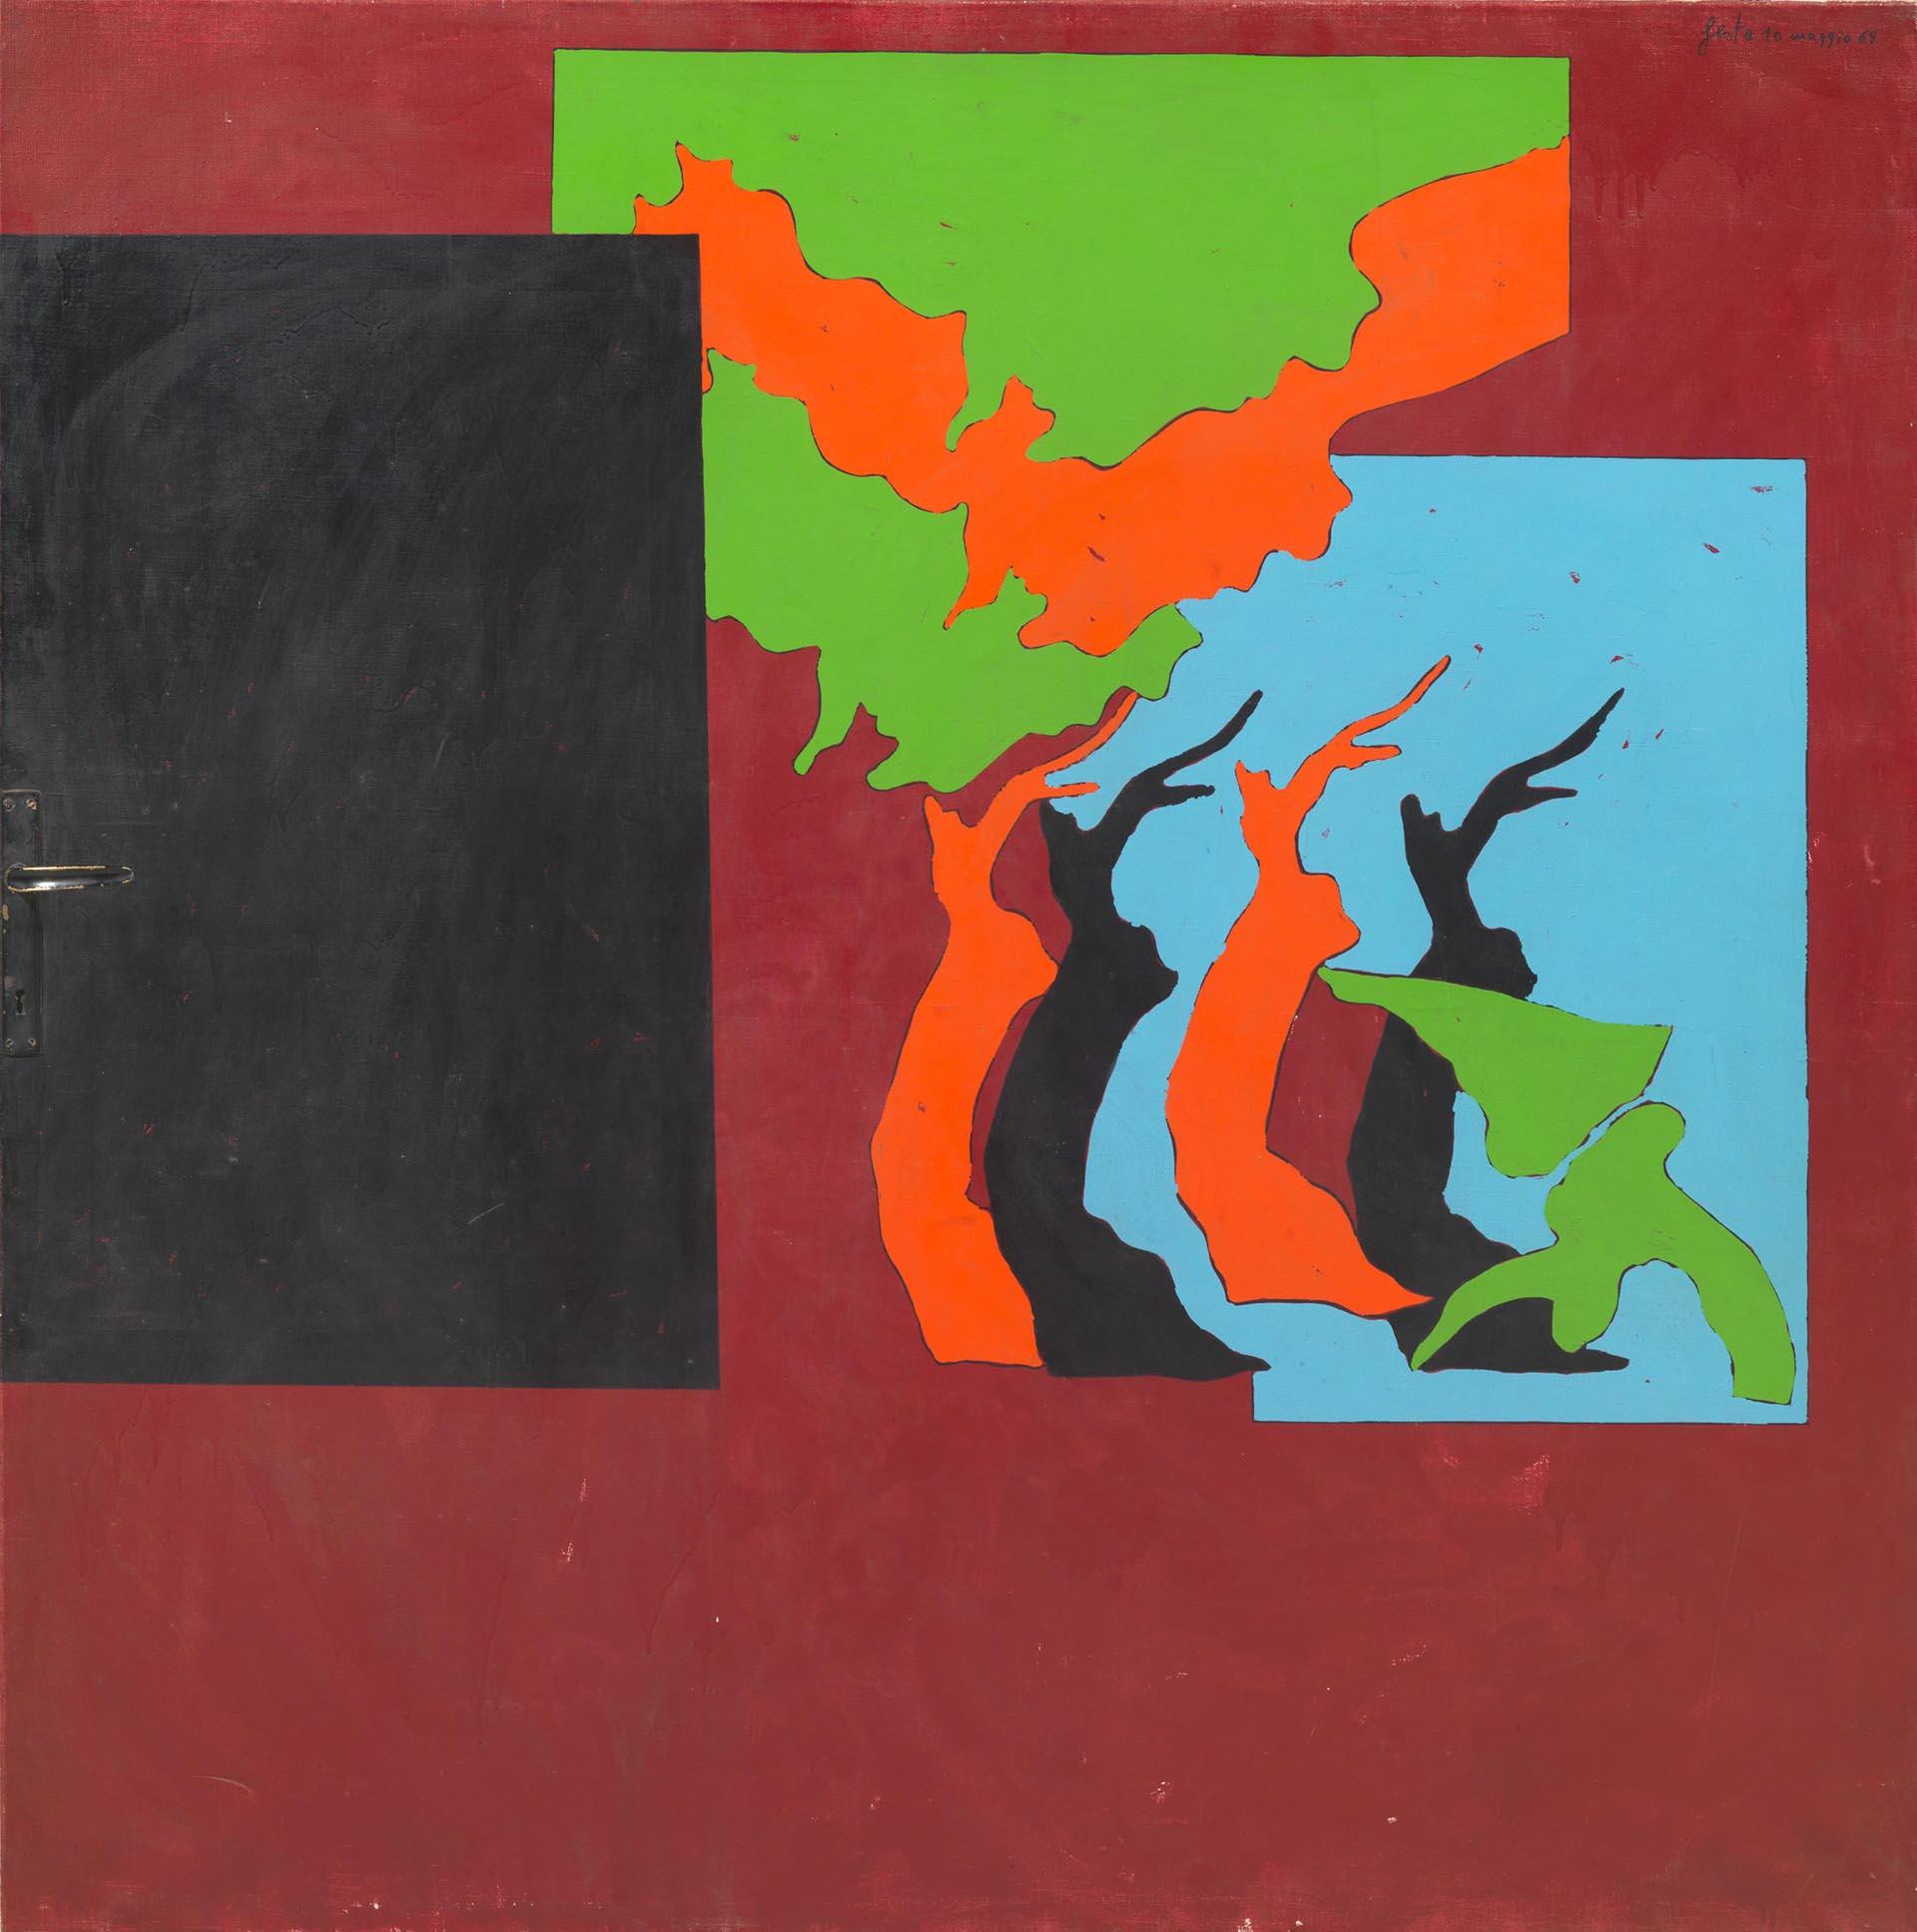 Festa_Paesaggio-scarlatto-con-la-maniglia_1969_150x150-cm